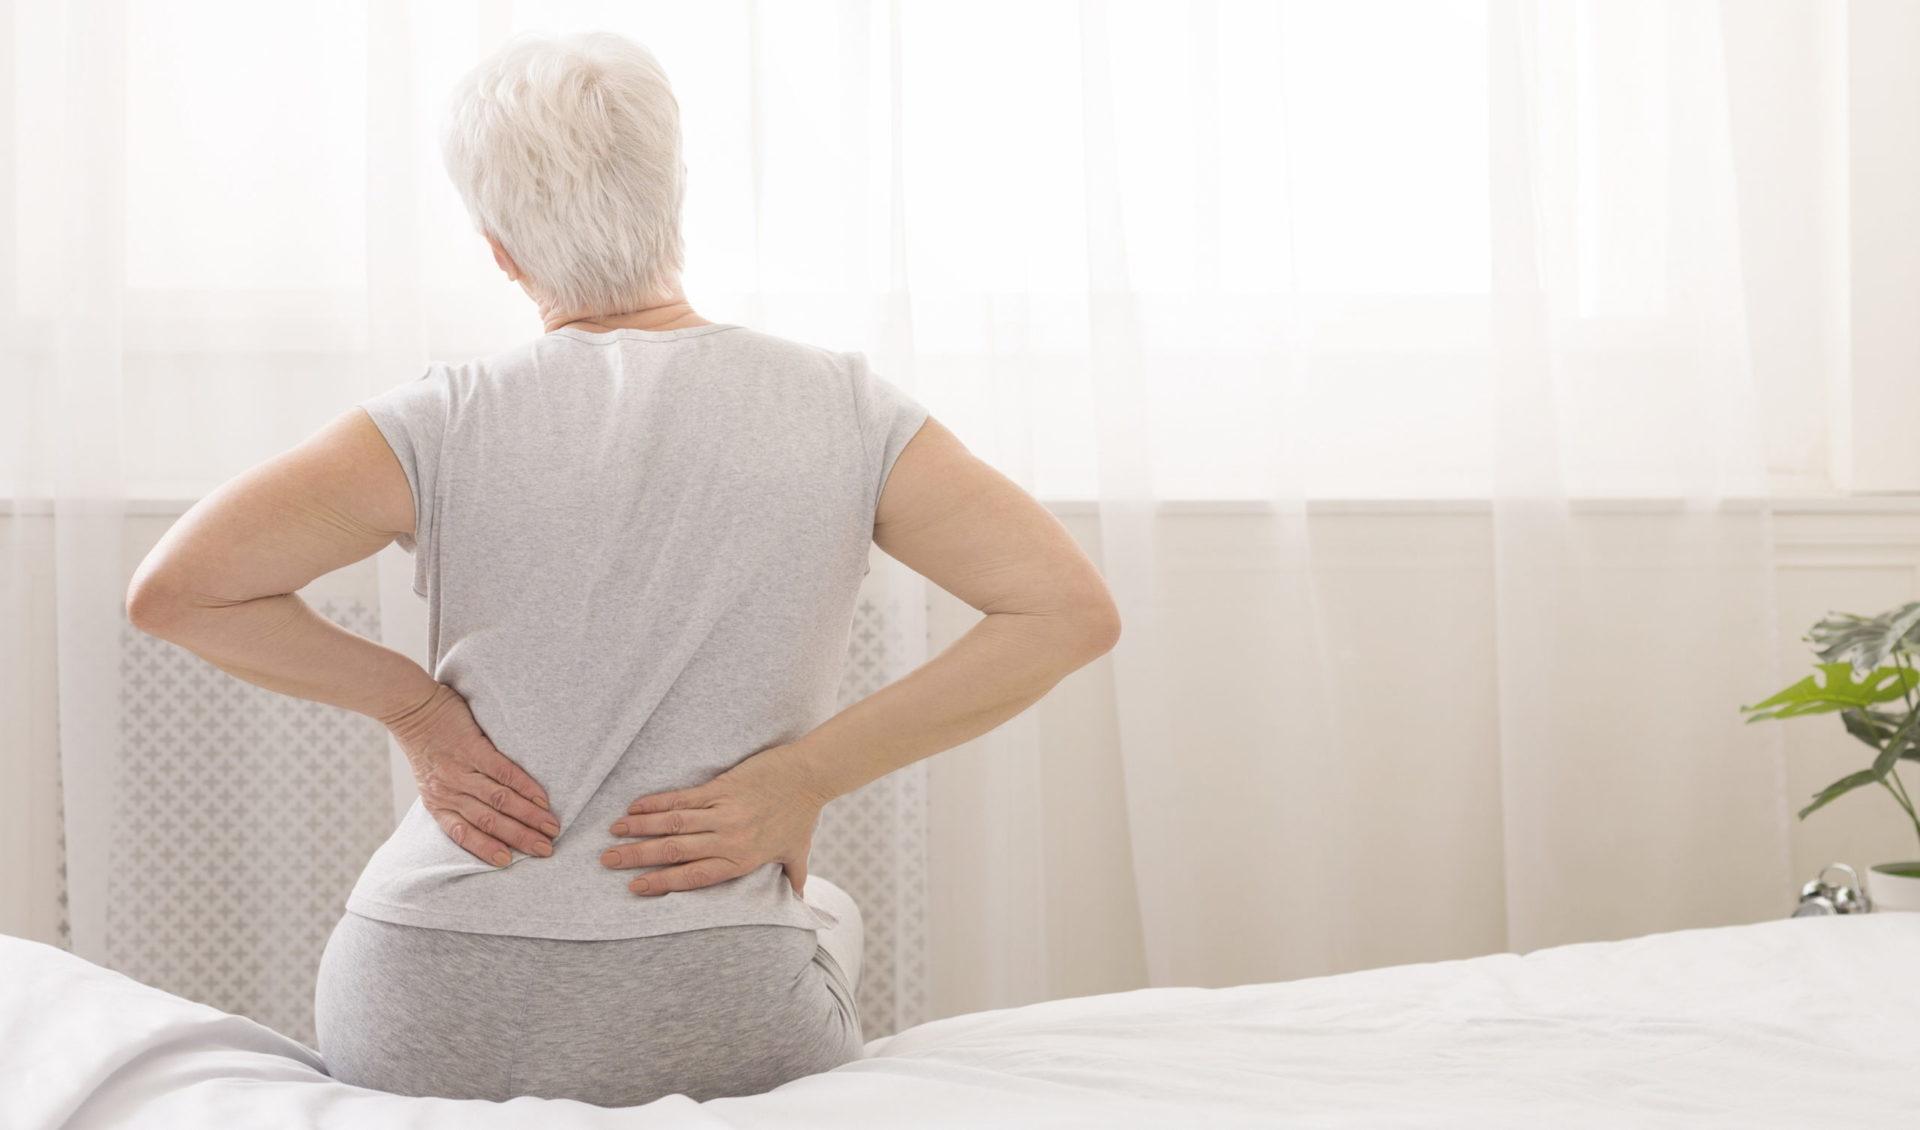 Douleur chronique Chronic pain